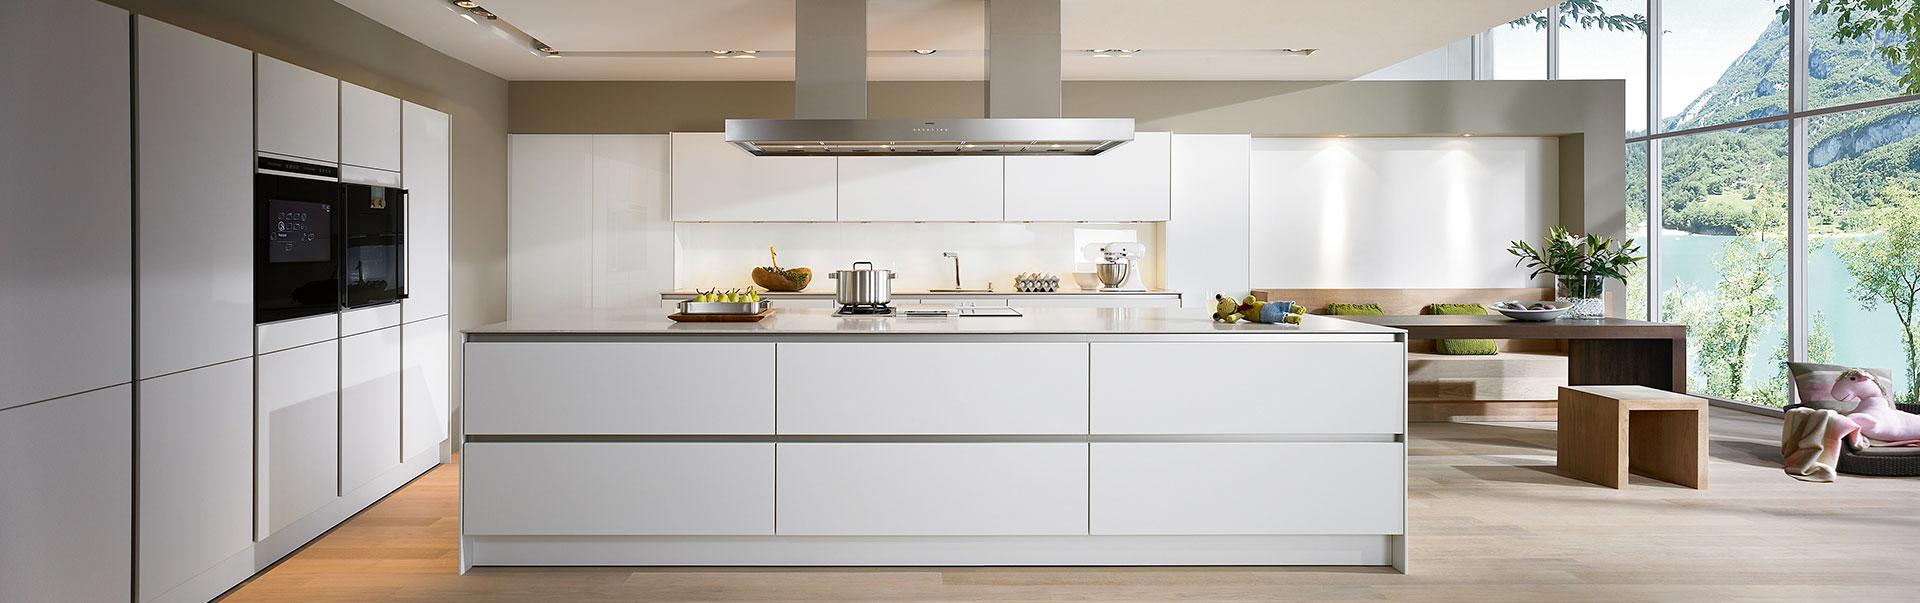 Kitchen cabinet finishes nz bar cabinet for Kitchen designs nz